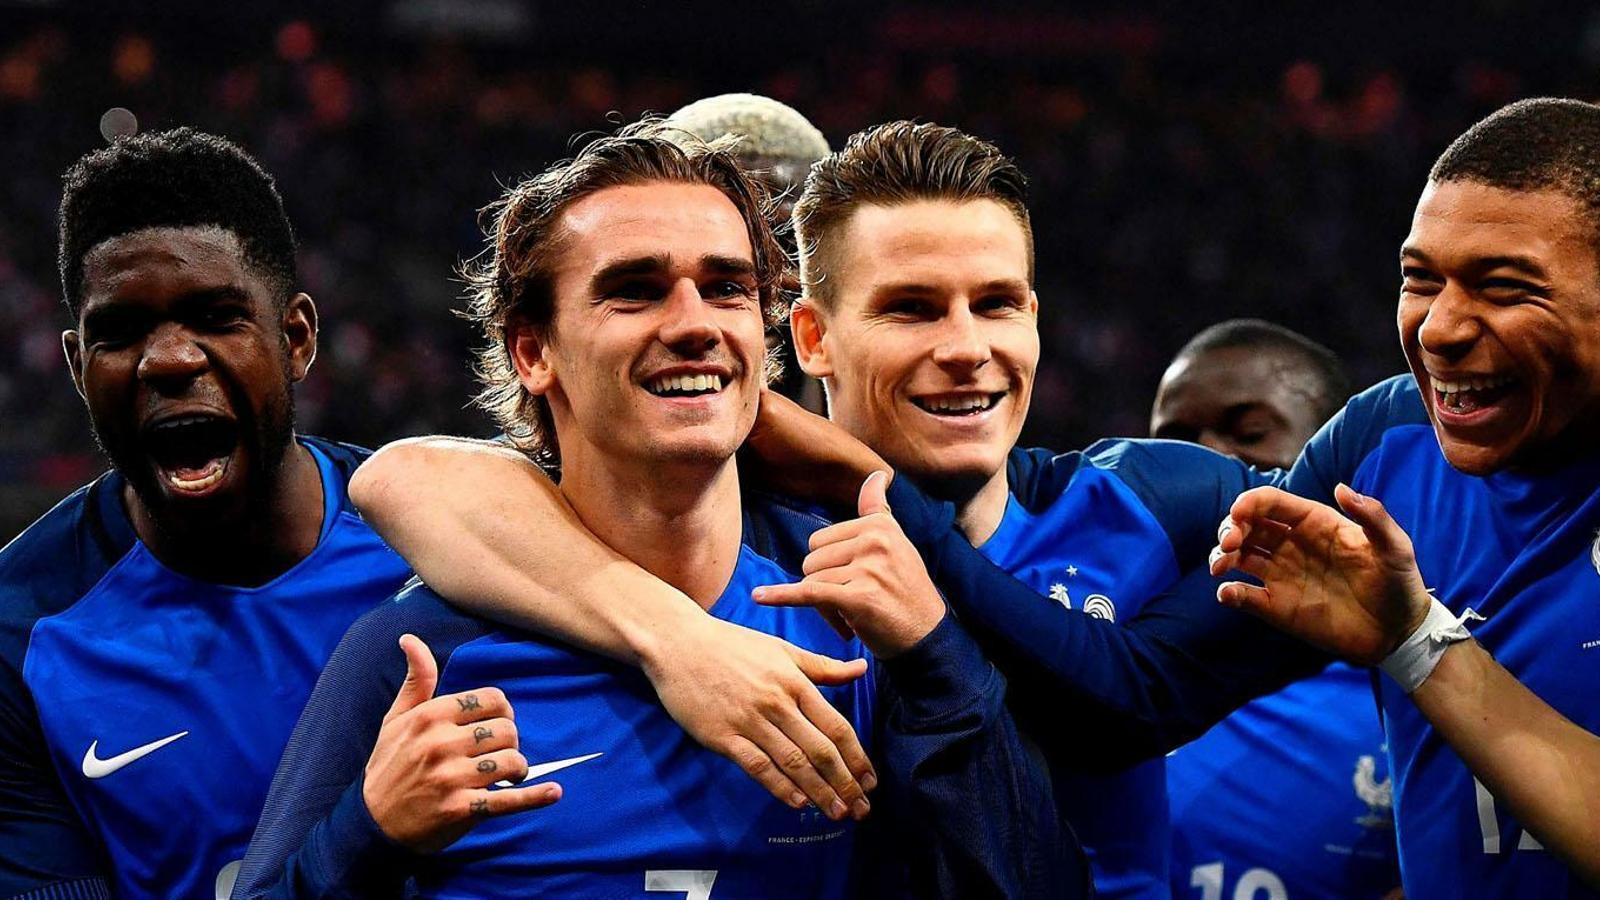 La selecció francesa al Mundial de Rússia. / ARA ANDORRA